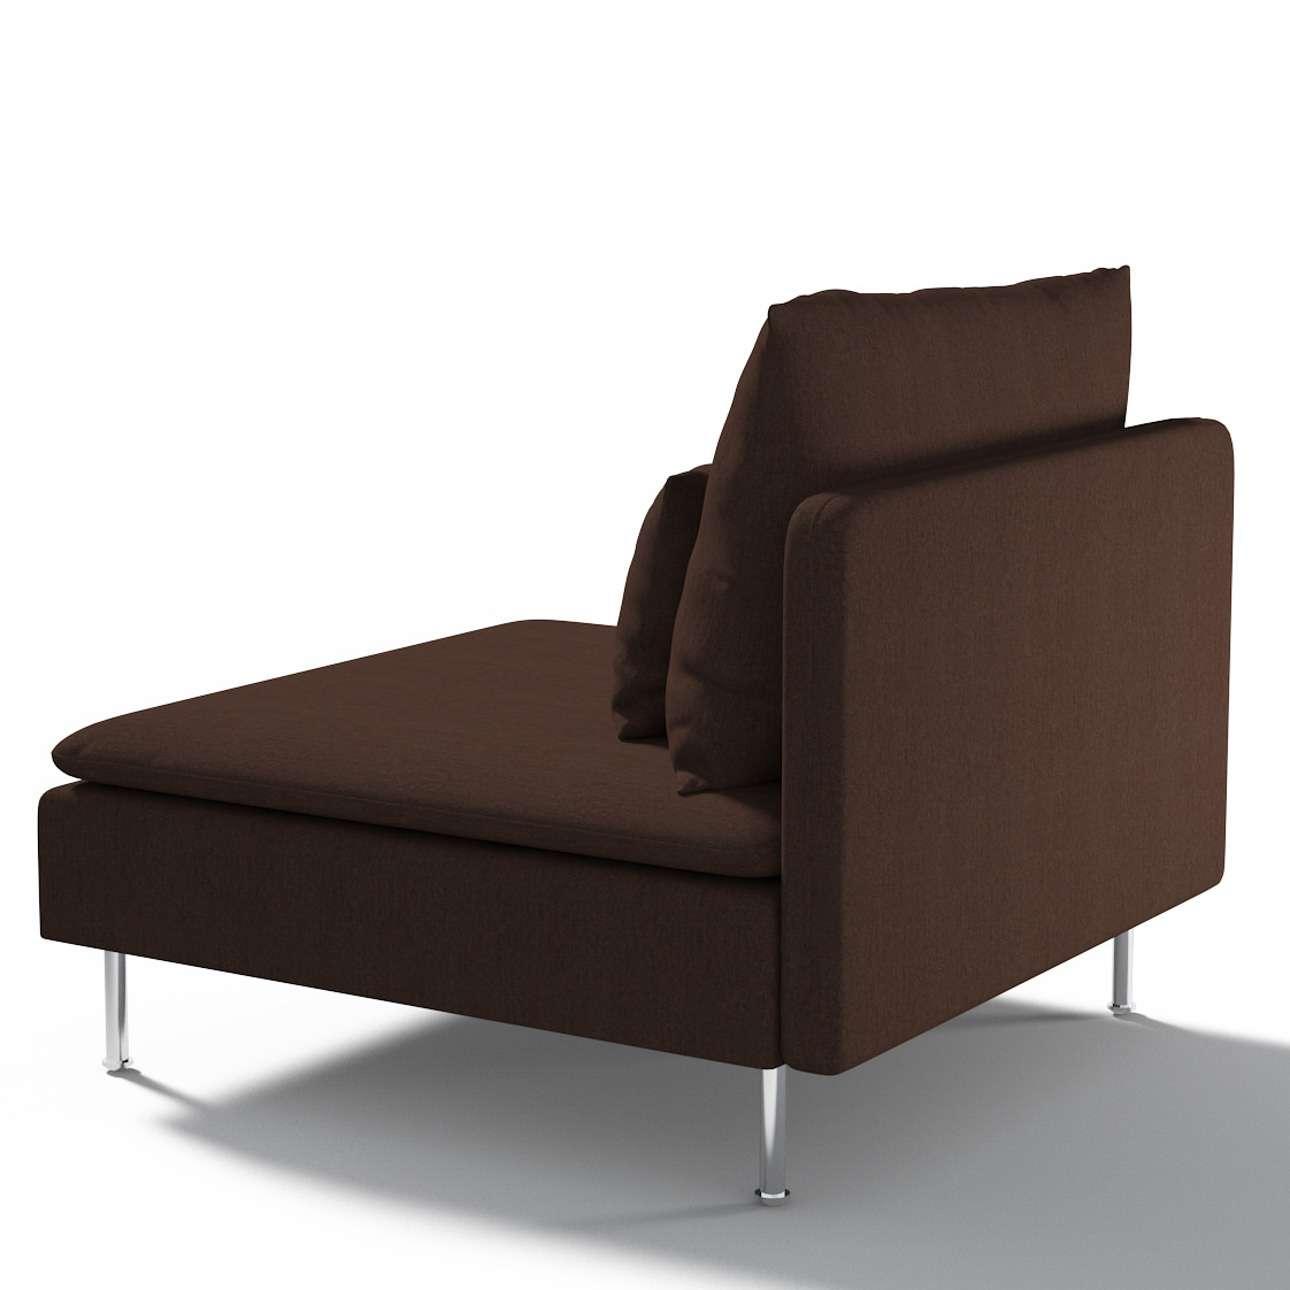 Söderhamn Bezug für Sitzelement 1 Sitzelement 1 von der Kollektion Chenille , Stoff: 702-18